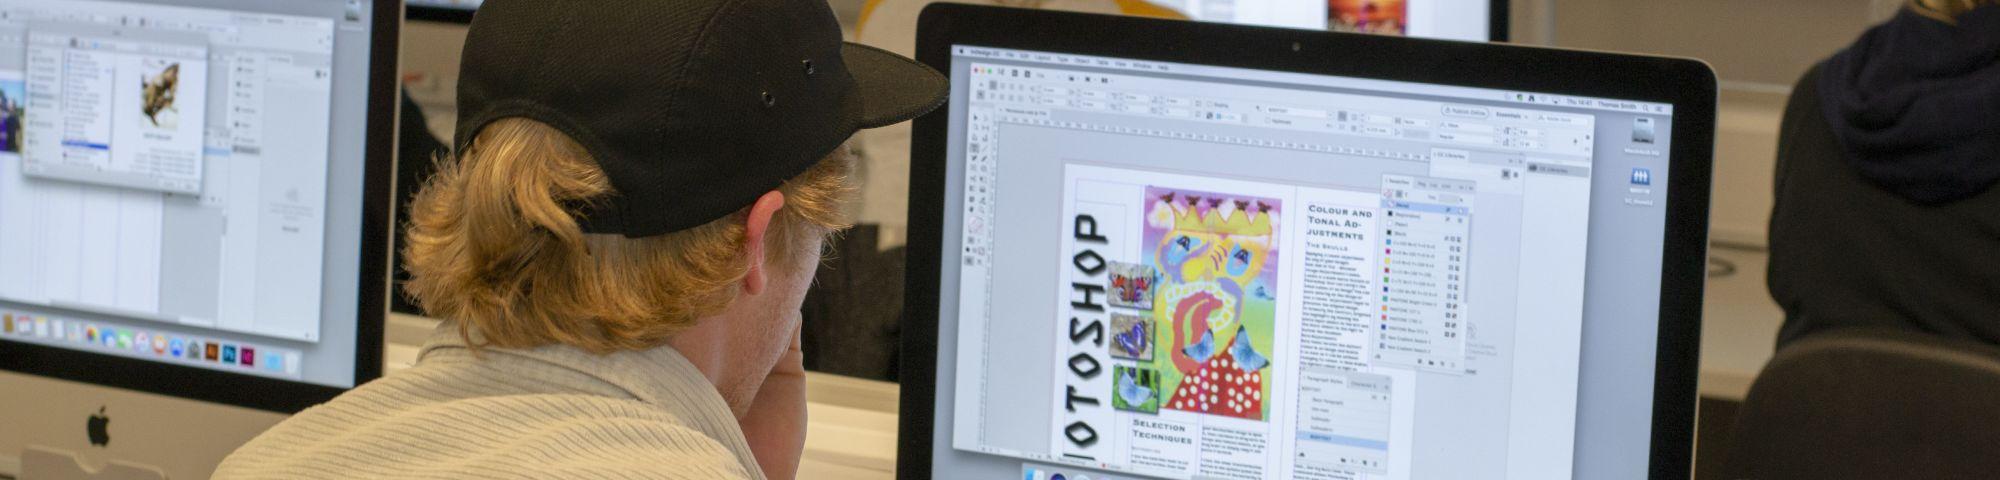 English Plus Digital Graphic Design (Summer)